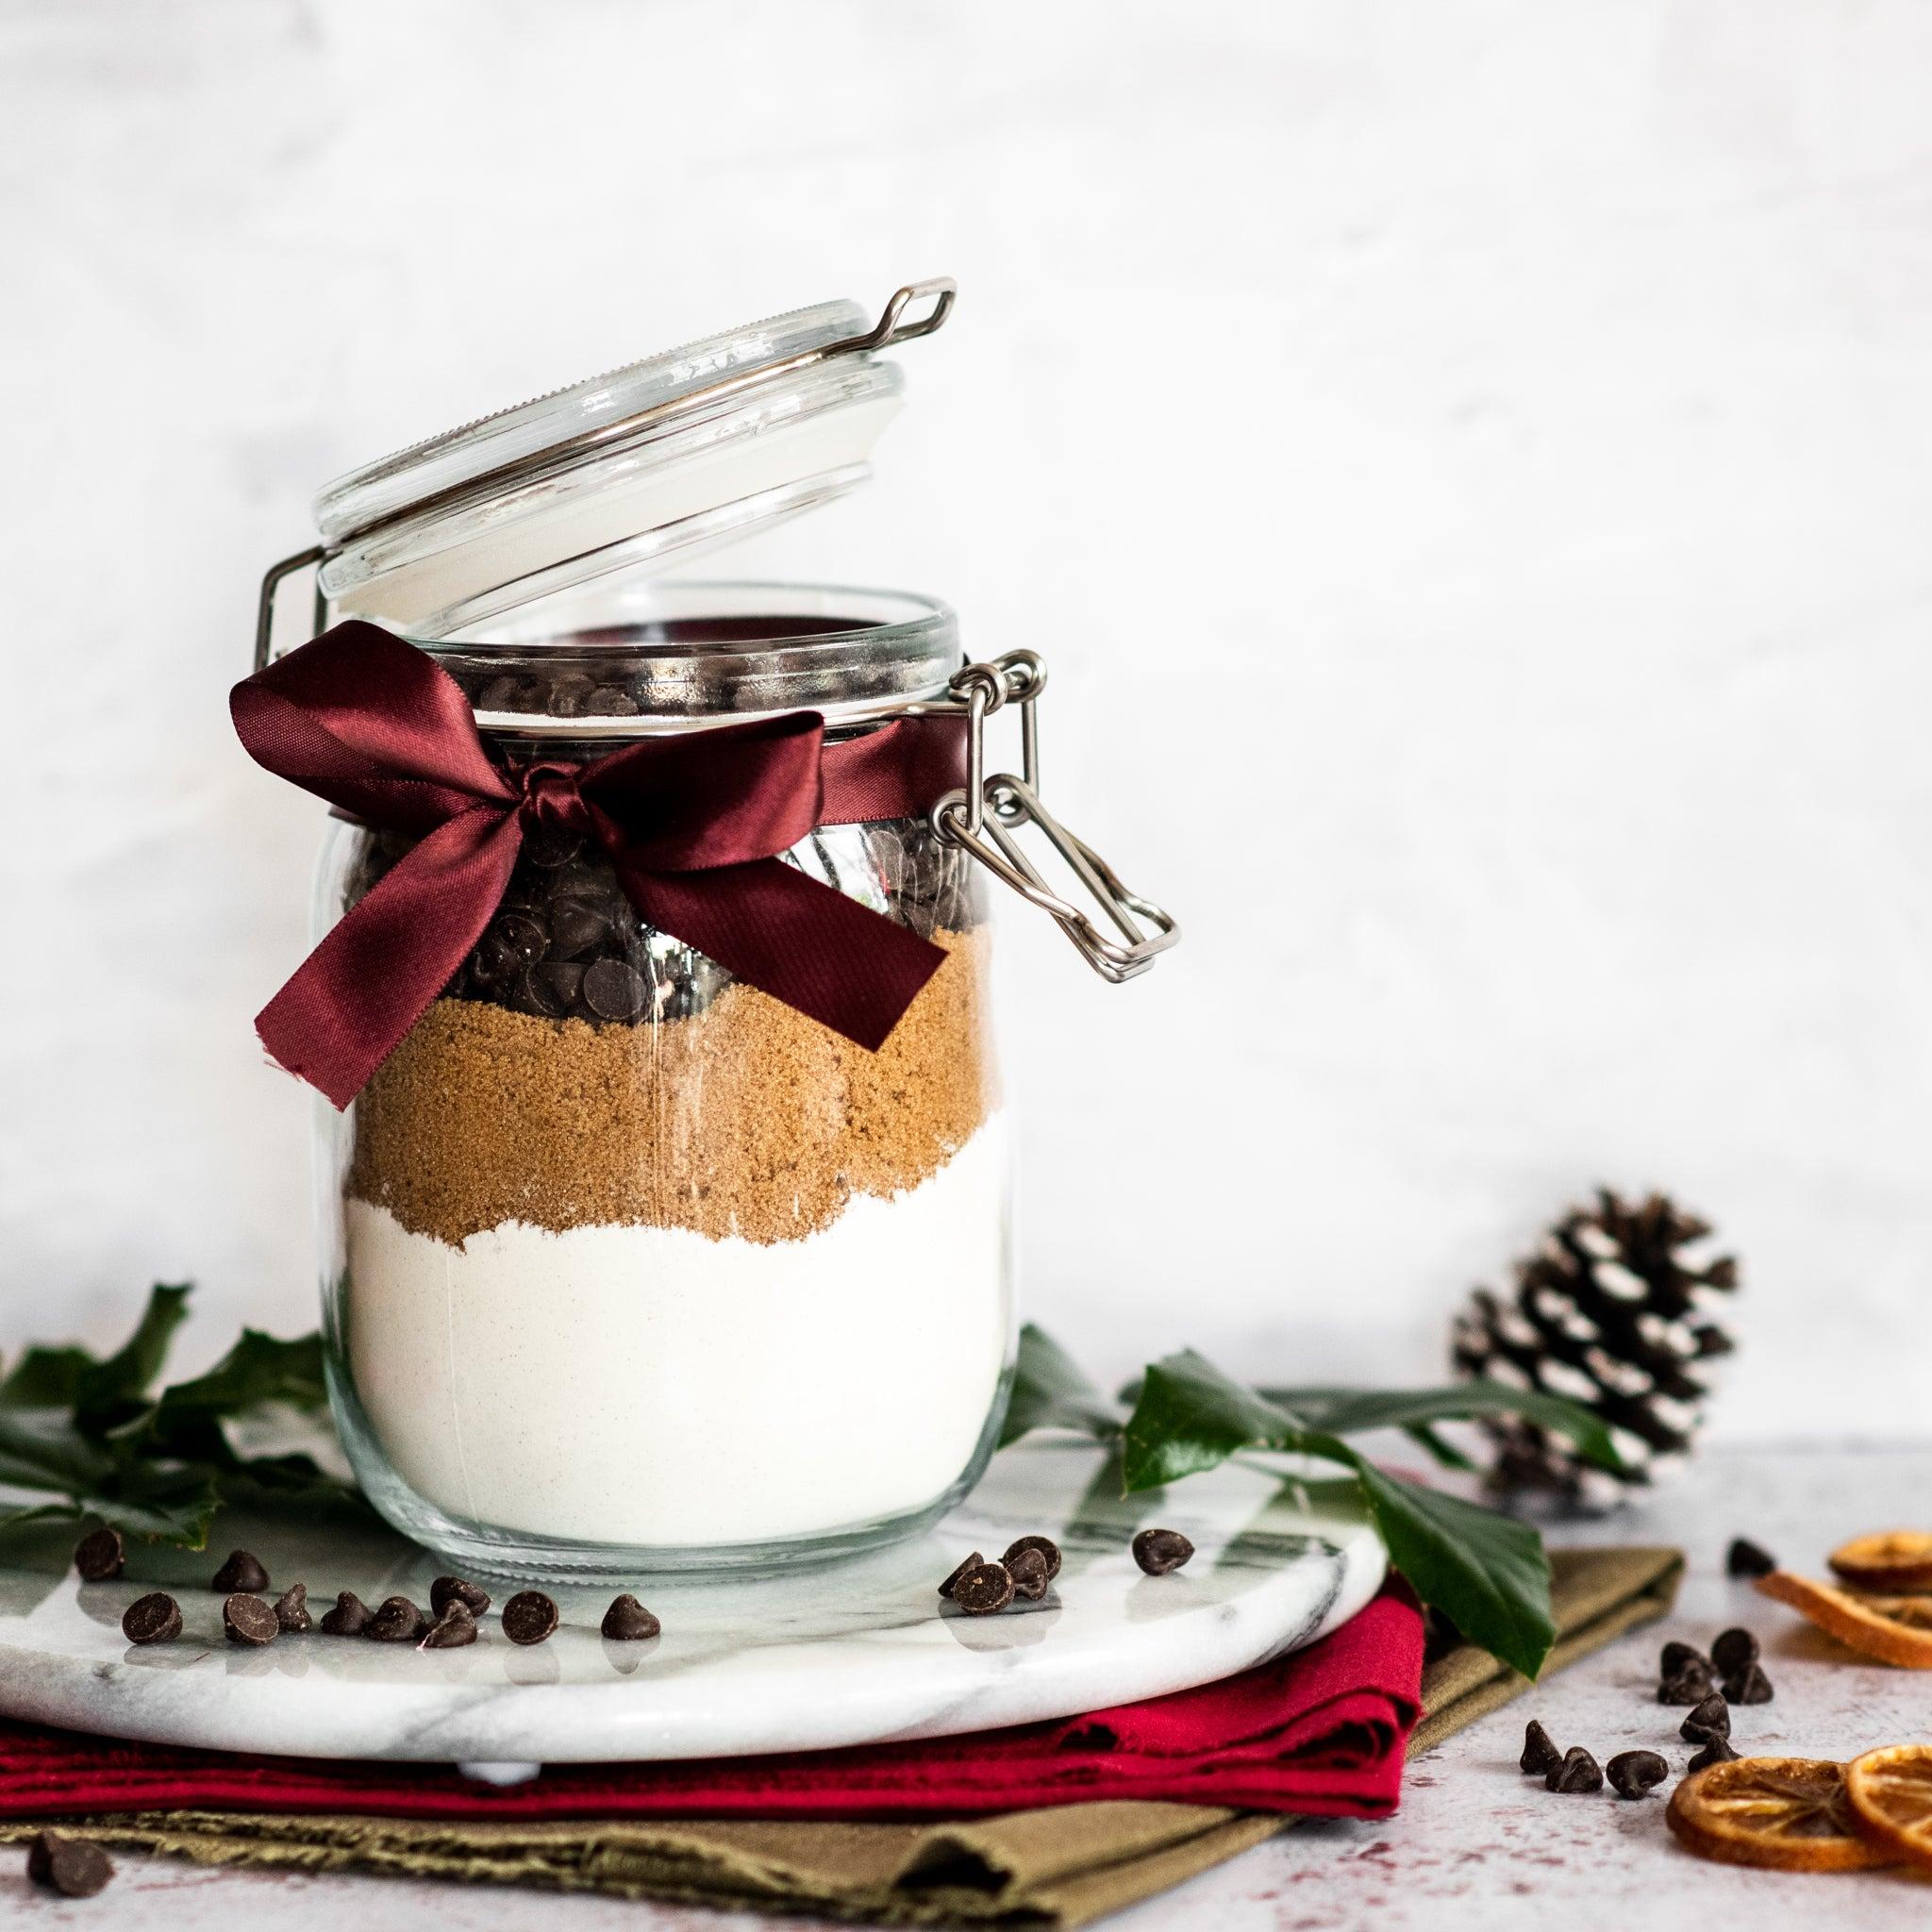 Cookies-In-A-Jar-SQUARE-1.jpg